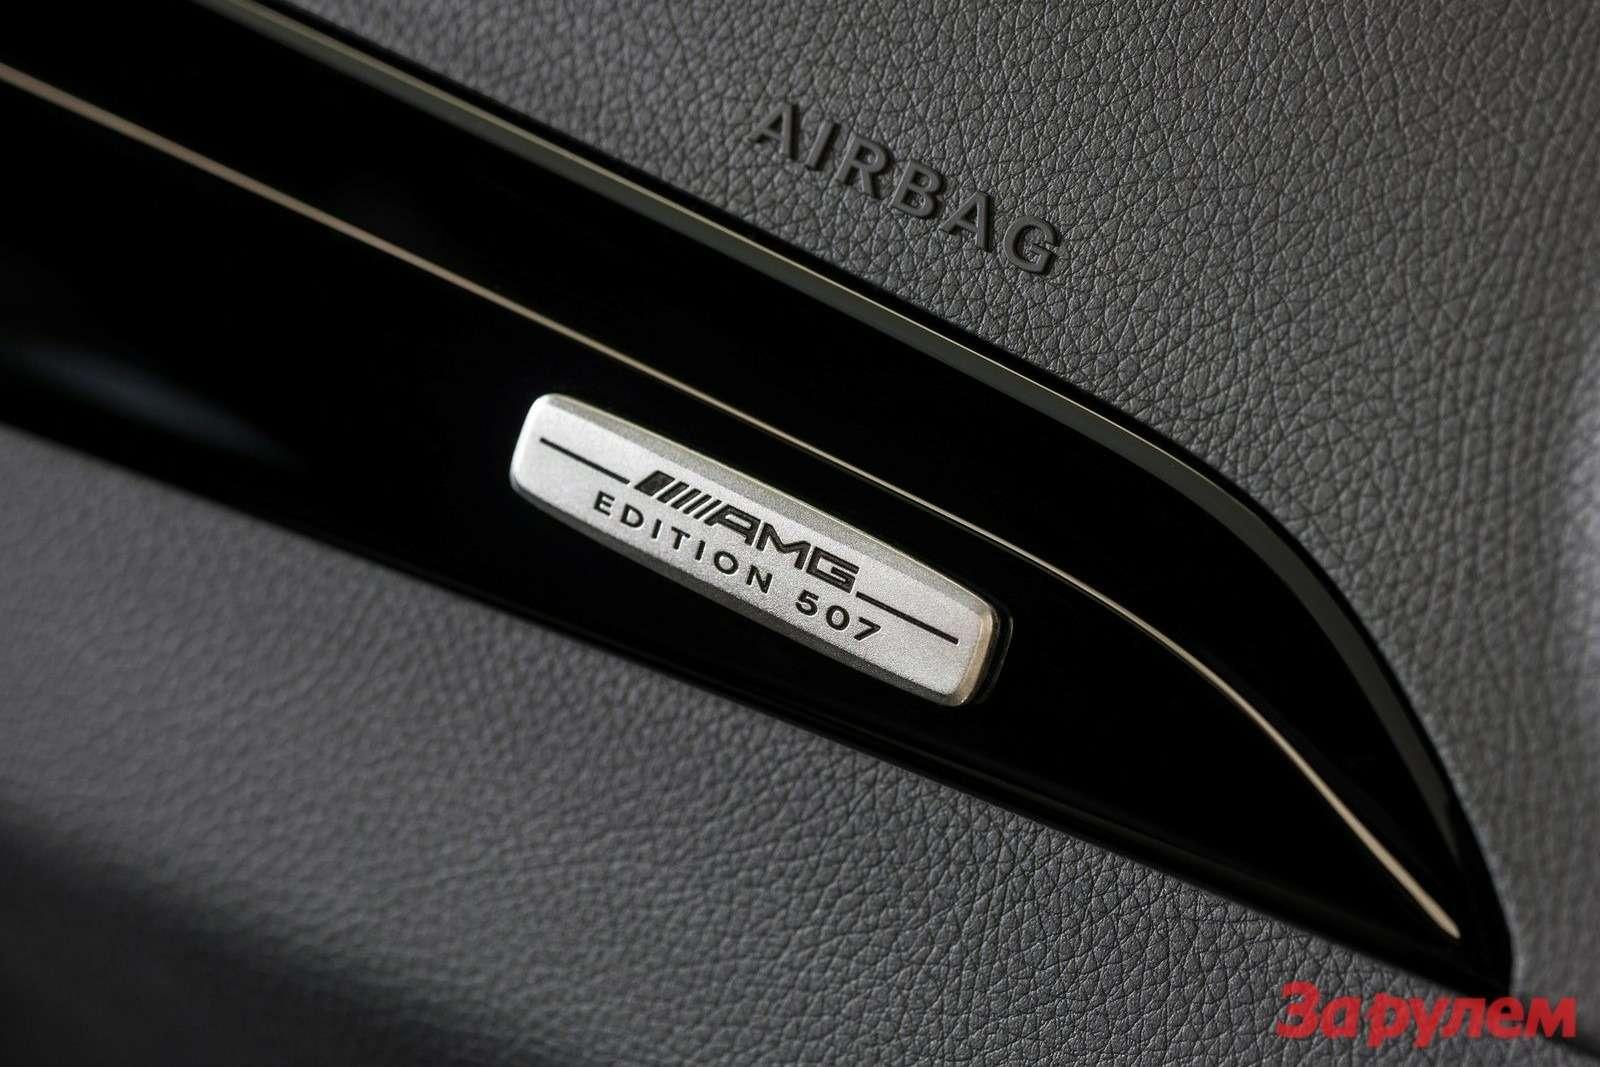 Mercedes-Benz-C63_AMG_Edition_507_2014_1600x1200_wallpaper_0d